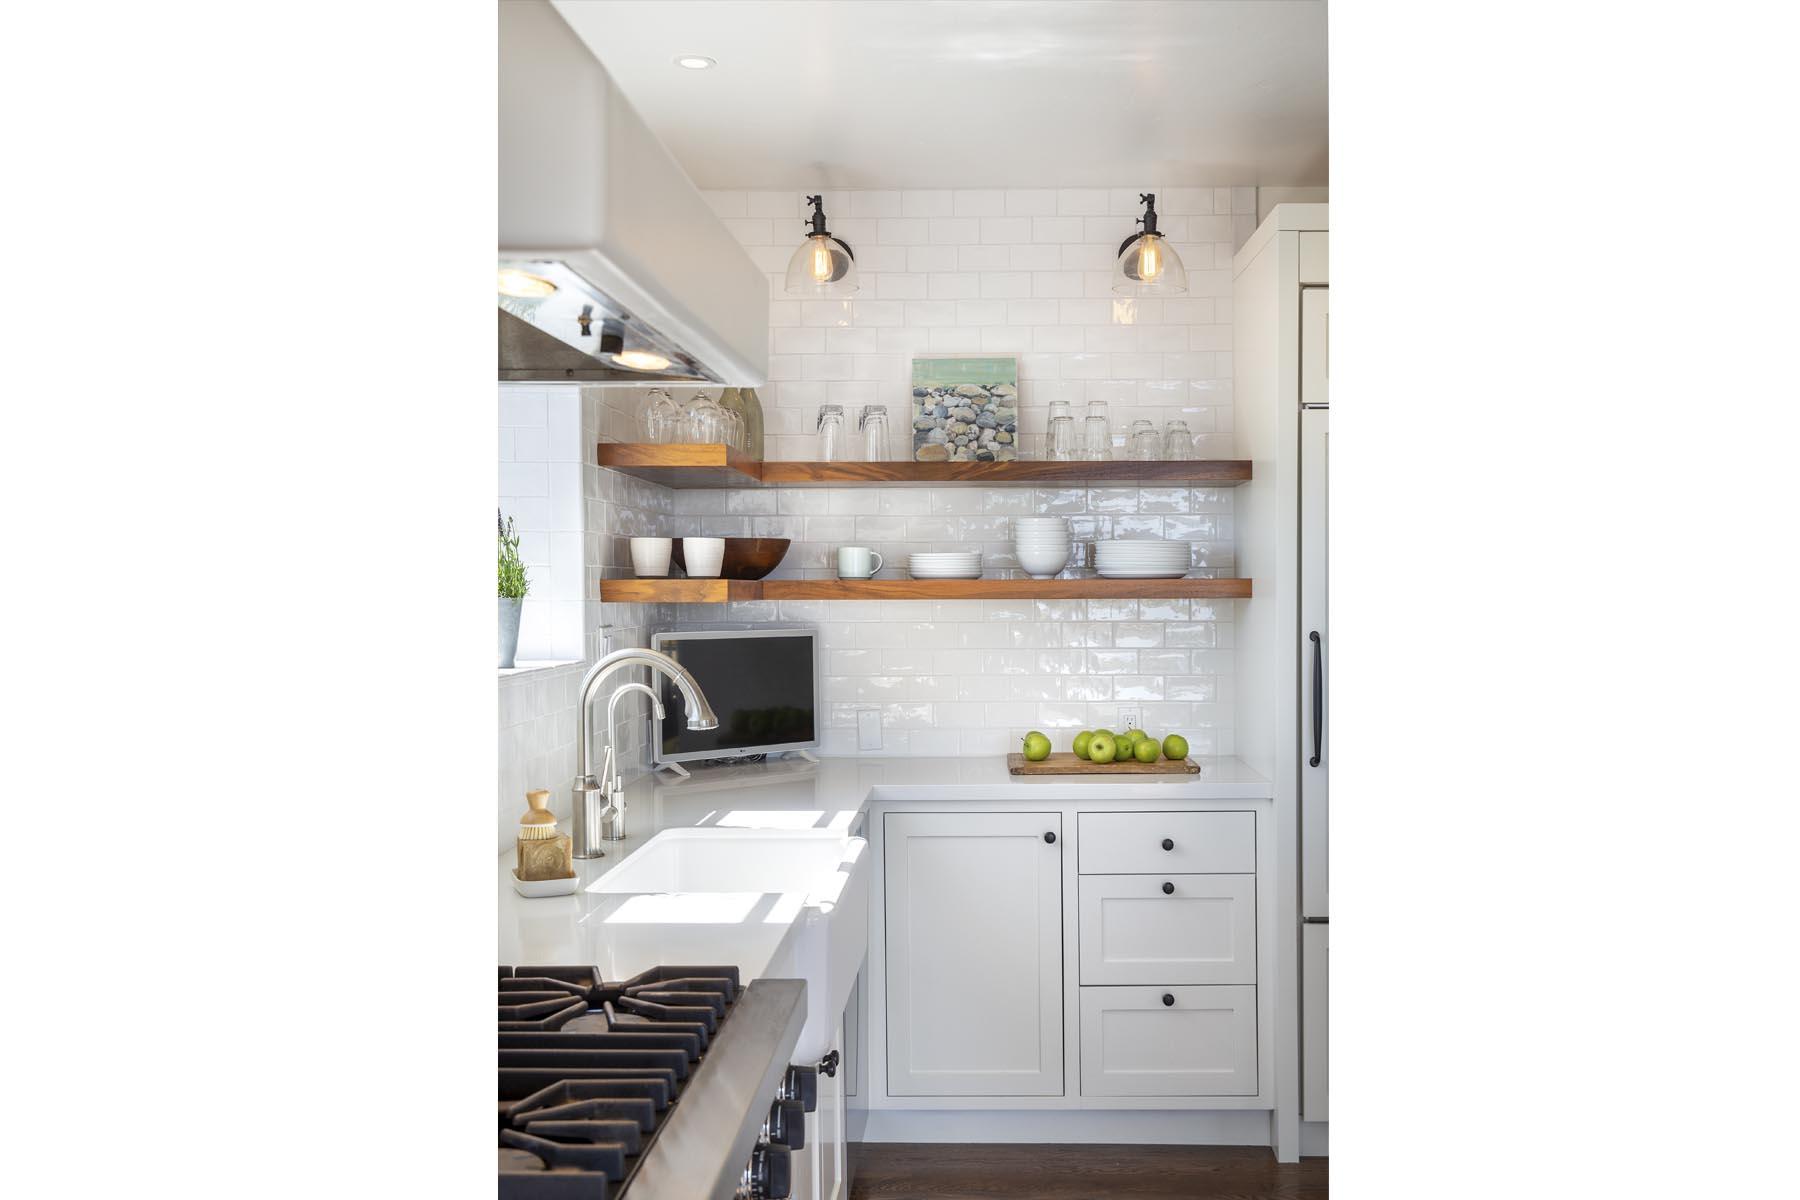 Bird kitchen detail